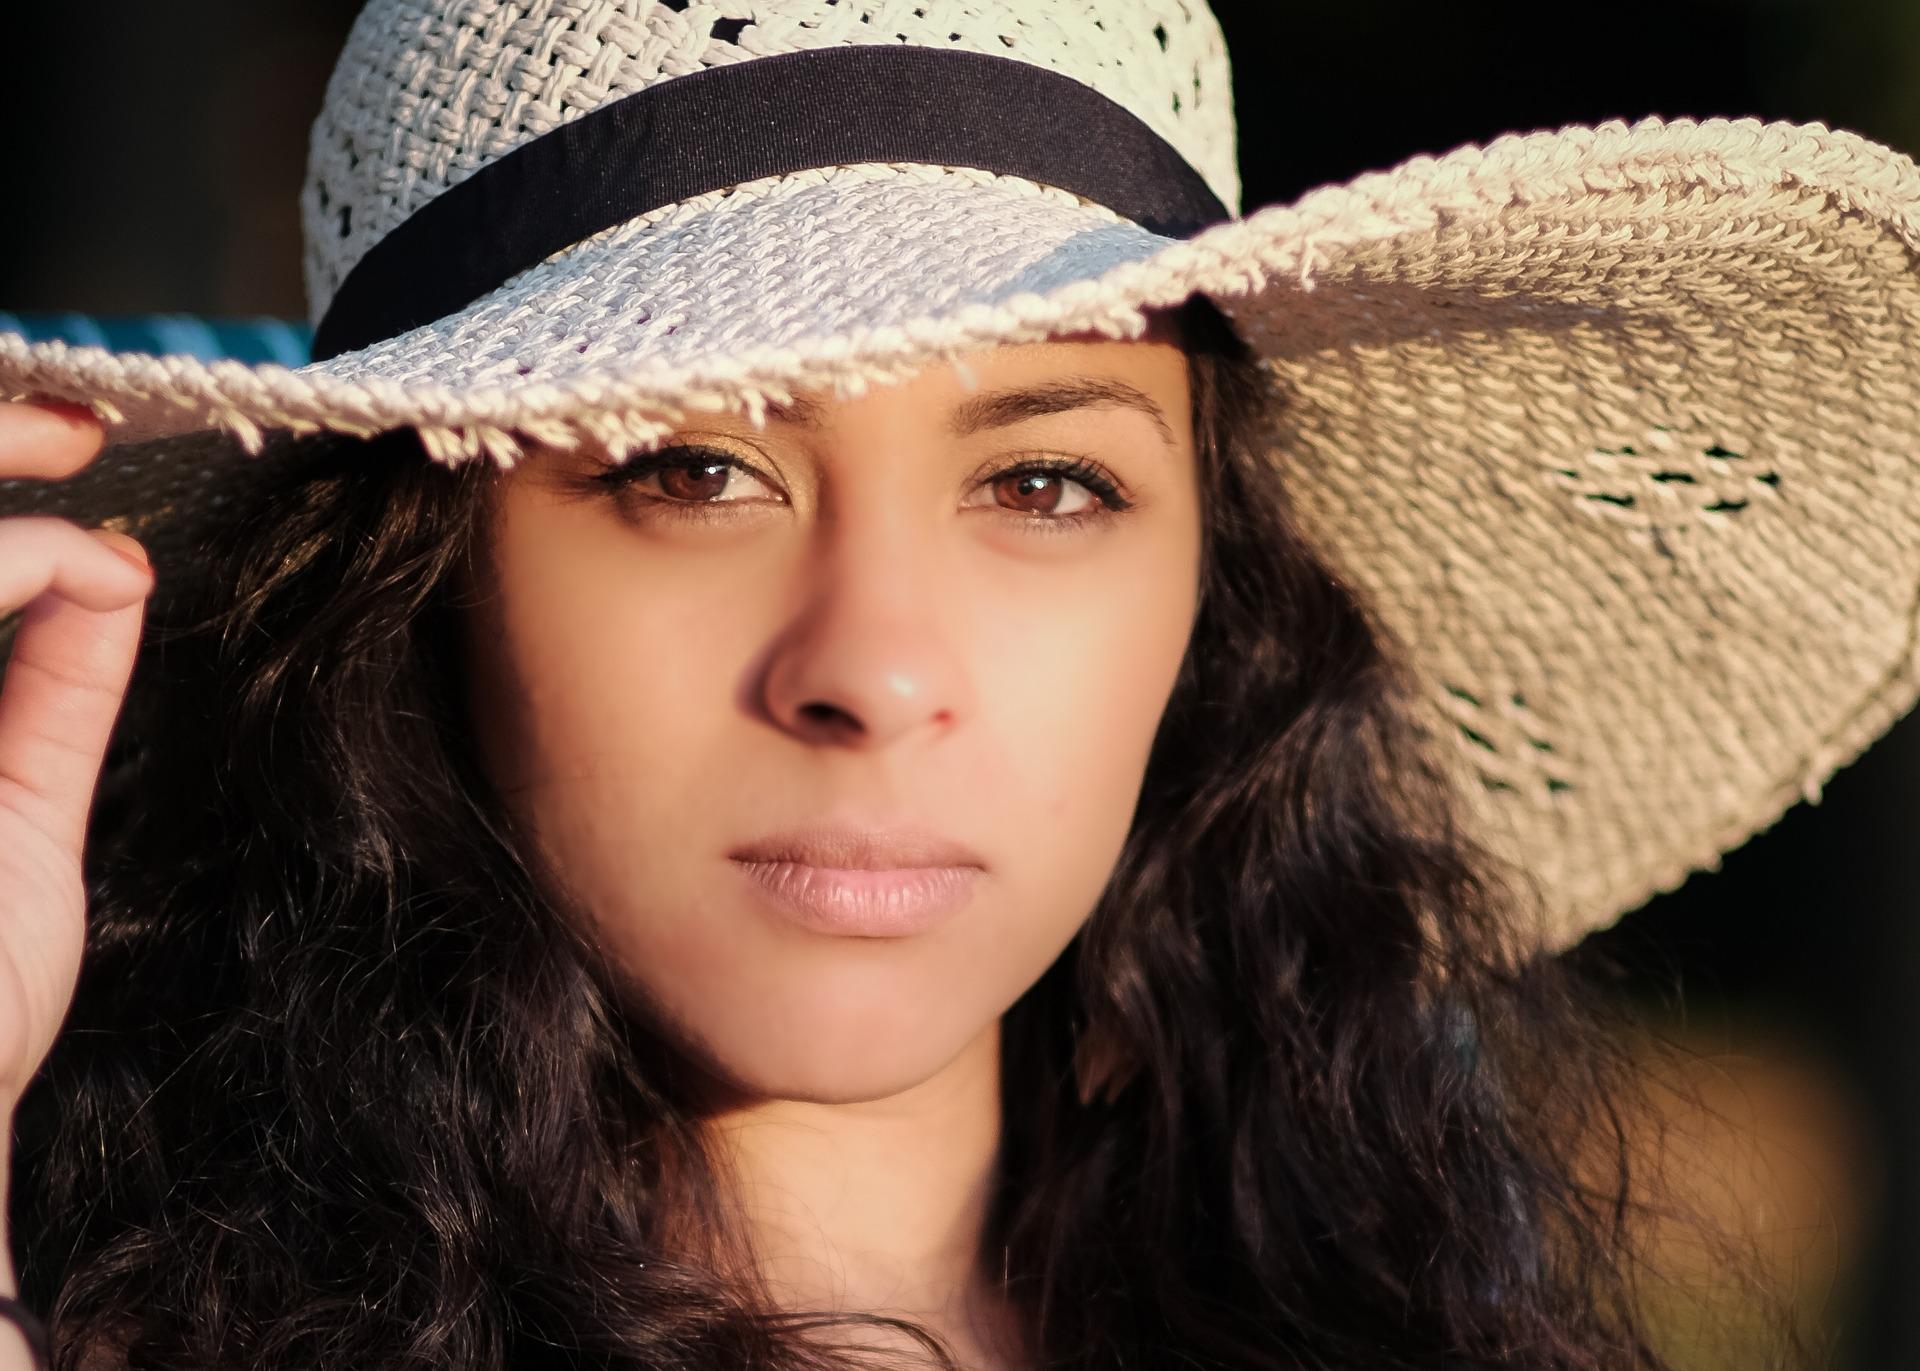 帽子のかぶり方で女子力がわかる!?